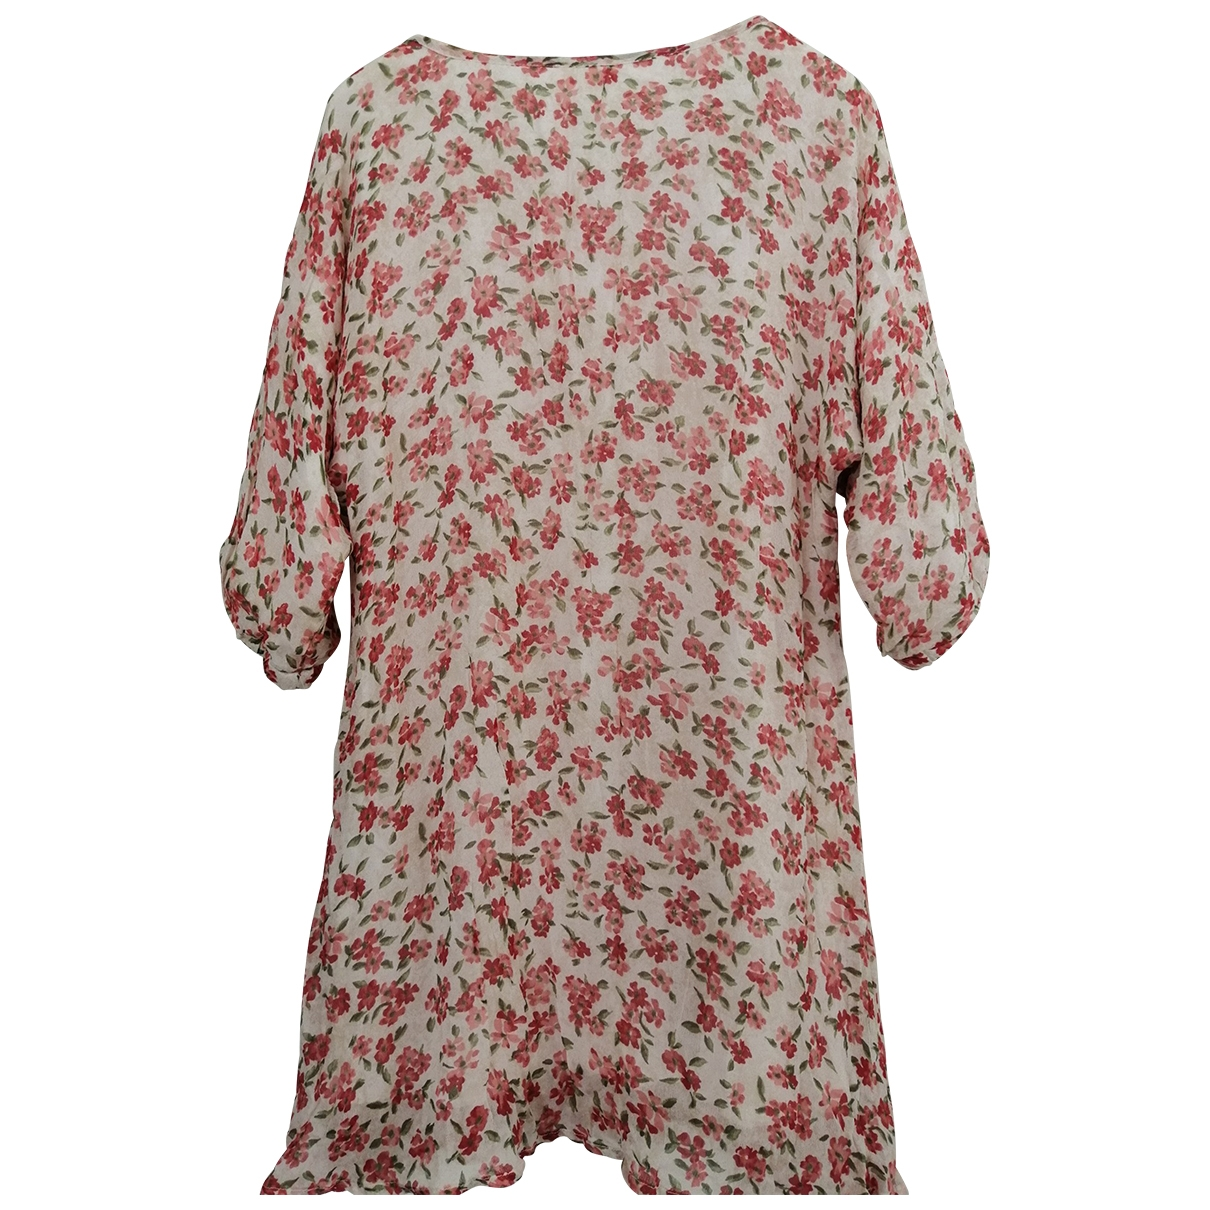 American Vintage \N Kleid in  Bunt Viskose